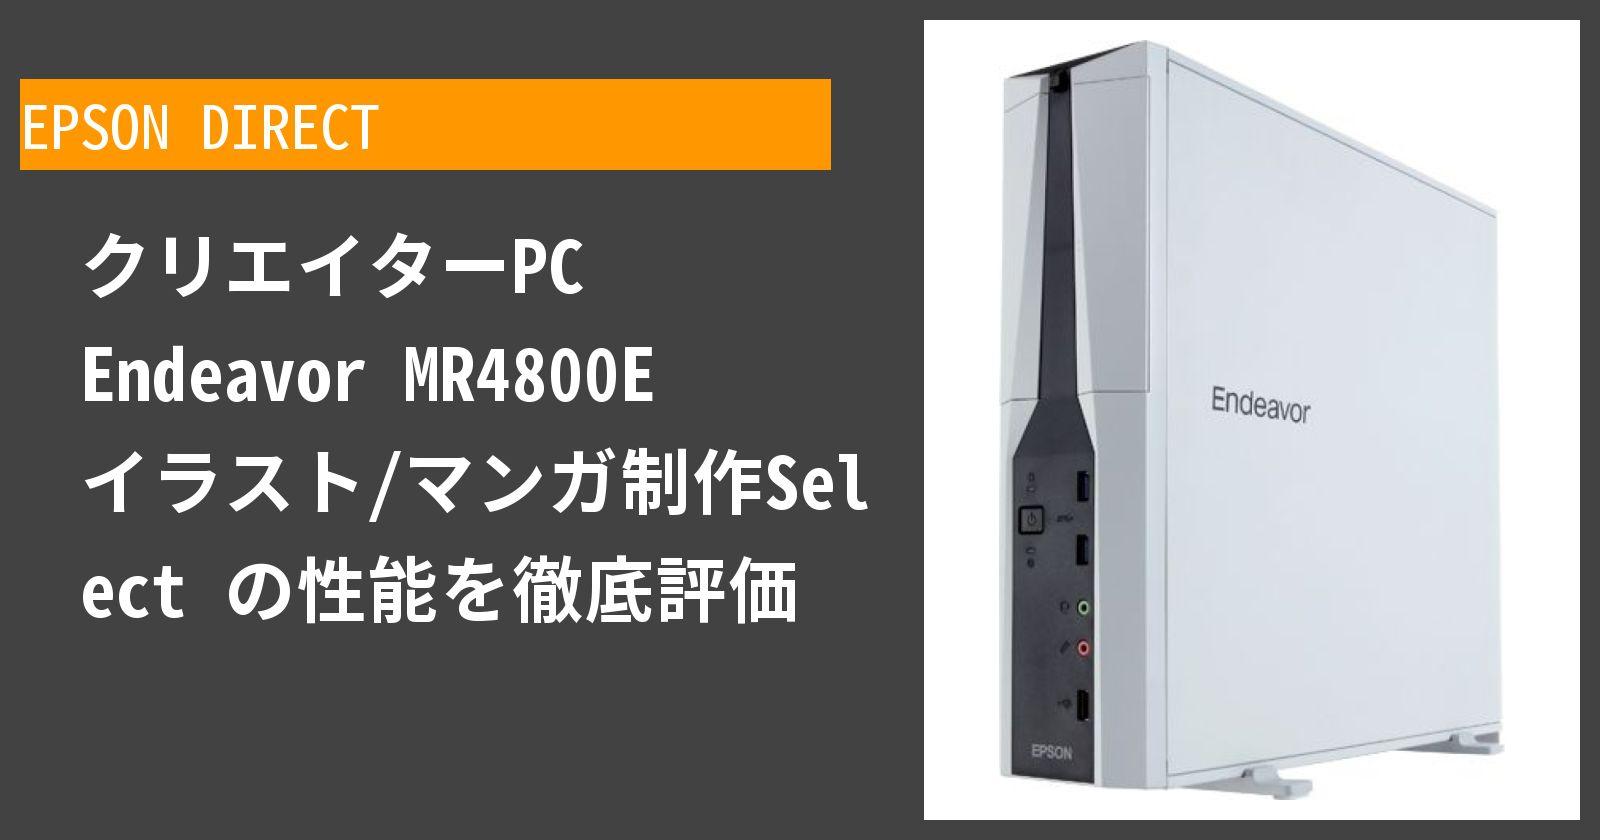 クリエイターPC Endeavor MR4800E イラスト/マンガ制作Select の性能を徹底評価